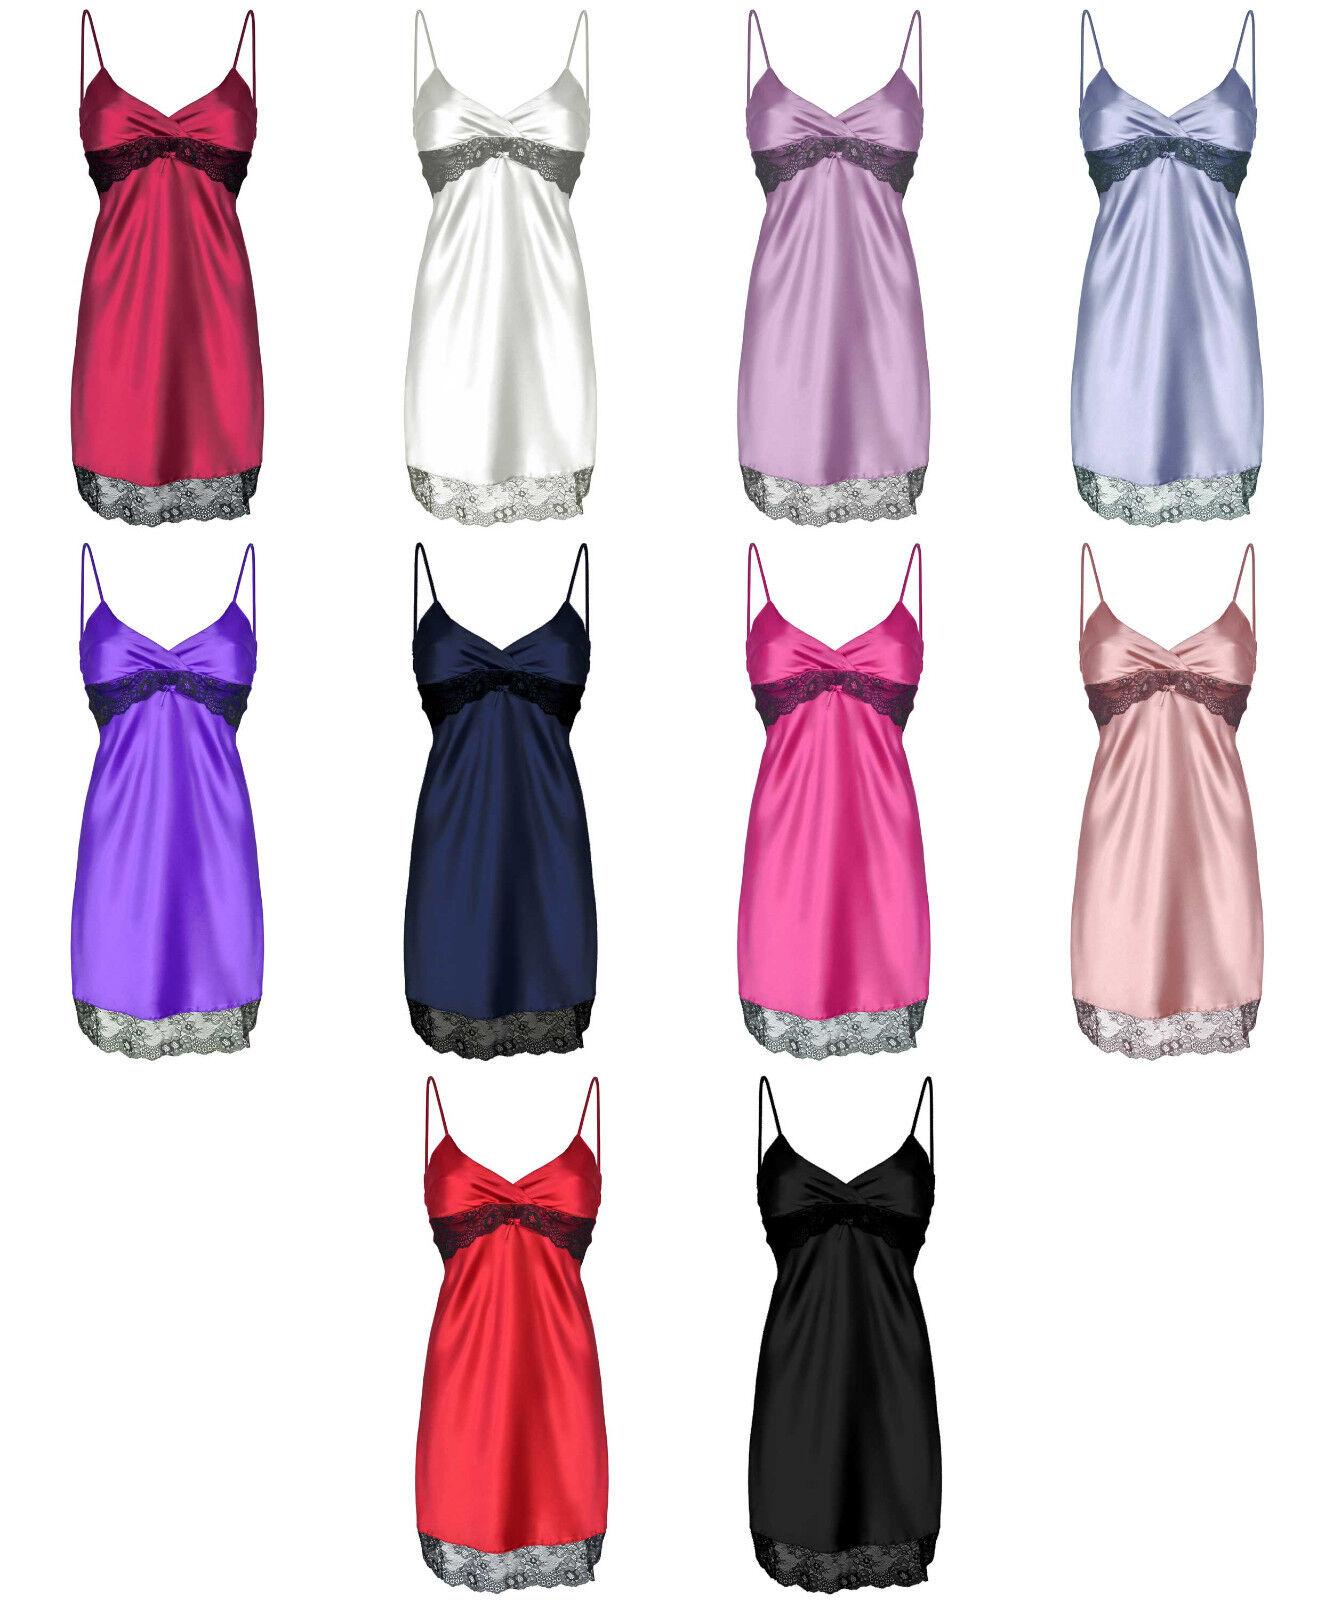 Damen Satin Nachthemd Negligee hochwertiges Trägerkleid mit edler Spitze Otylia